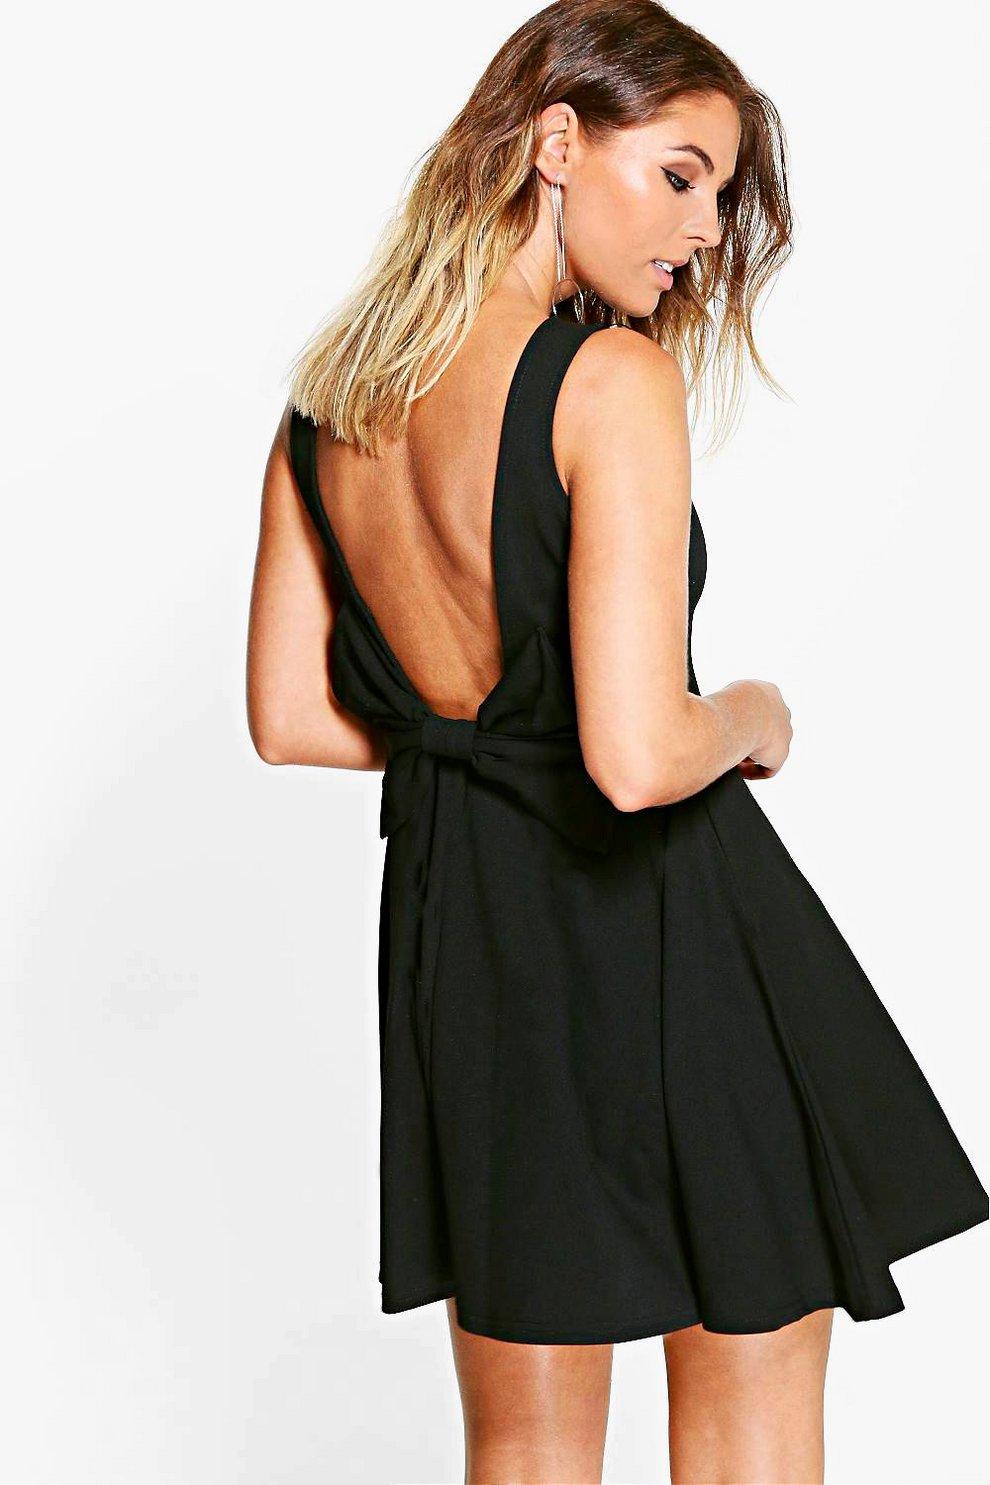 Bow Detail Scoop Back Skater Dress  e2d8cd4b9